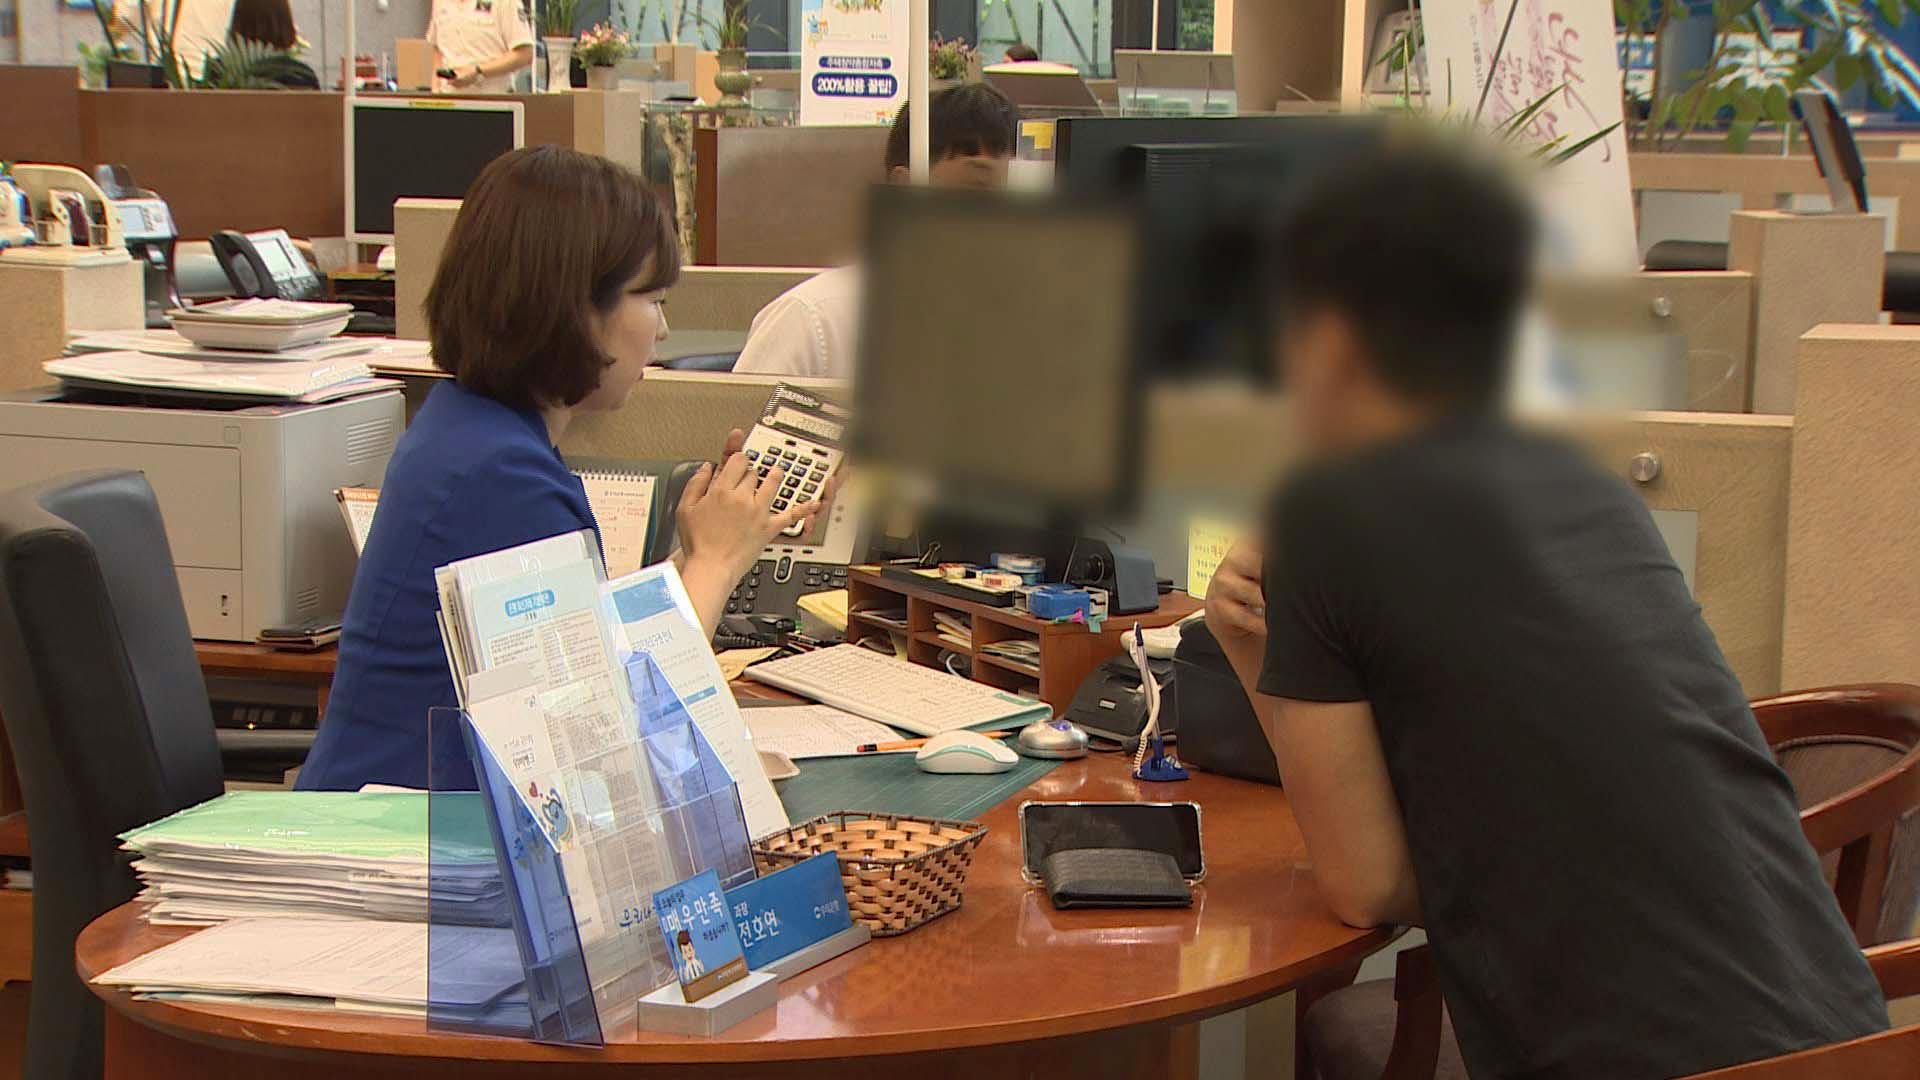 서울시민·청년층 가계빚 증가 전망 8년 만에 최고